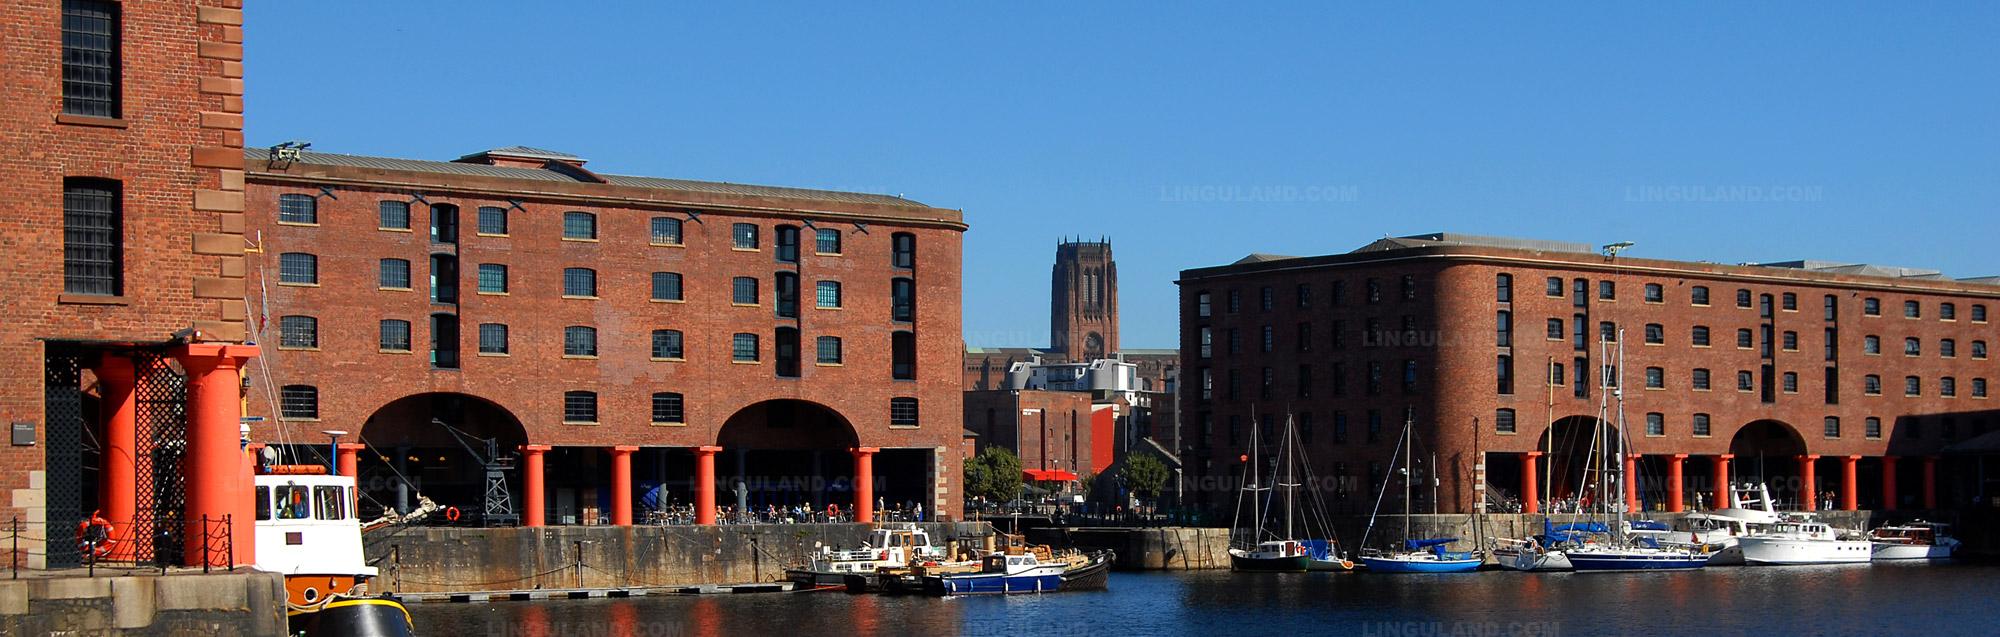 Sprachschulen Liverpool, Sprachkurse Liverpool